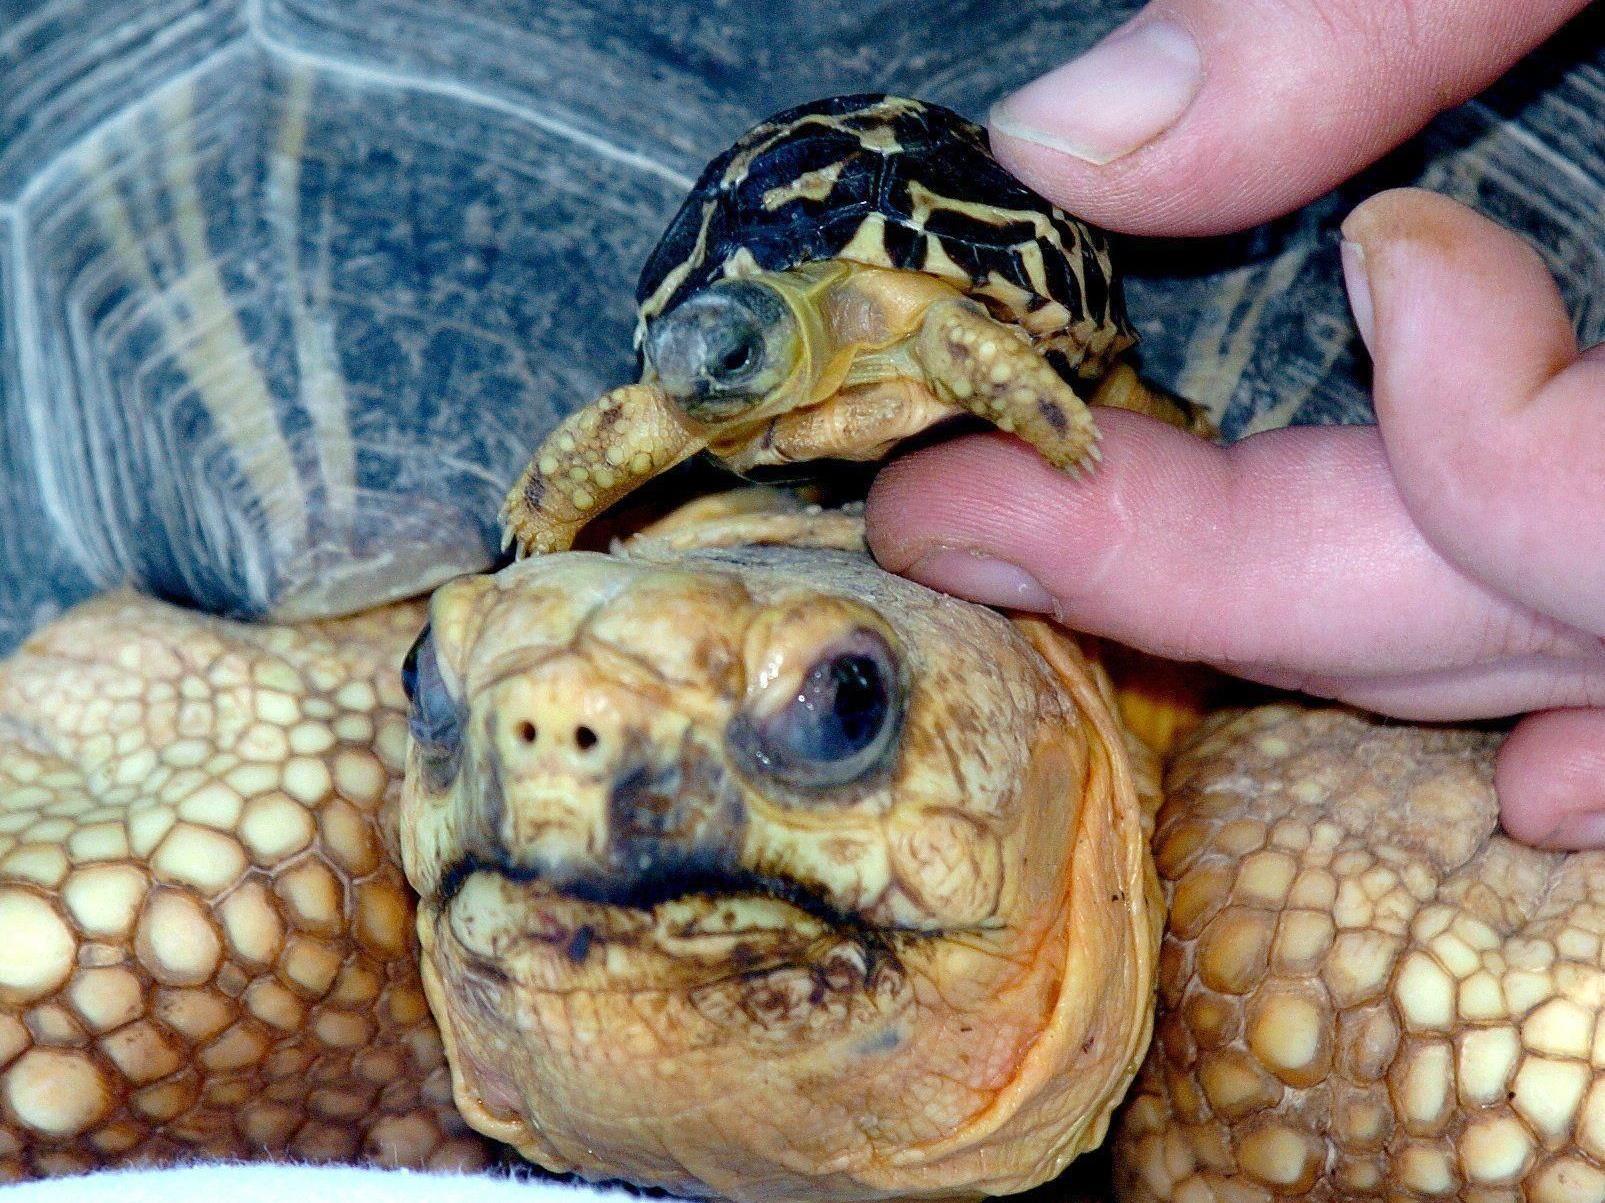 Strahlenschildkröten sind wegen ihres Panzers bei Sammlern sehr beliebt.